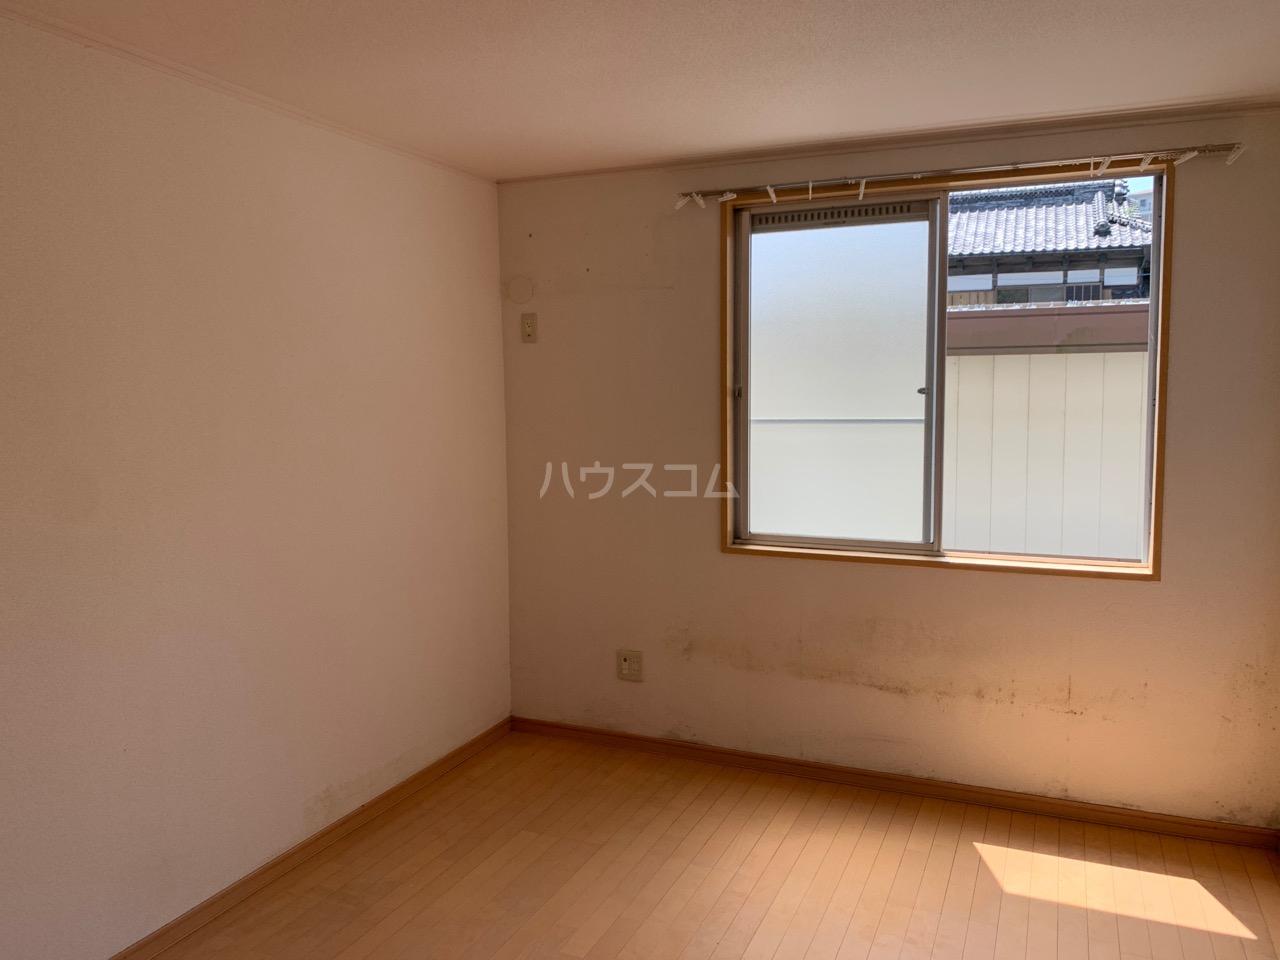 第三代田ハイツ 102号室の居室